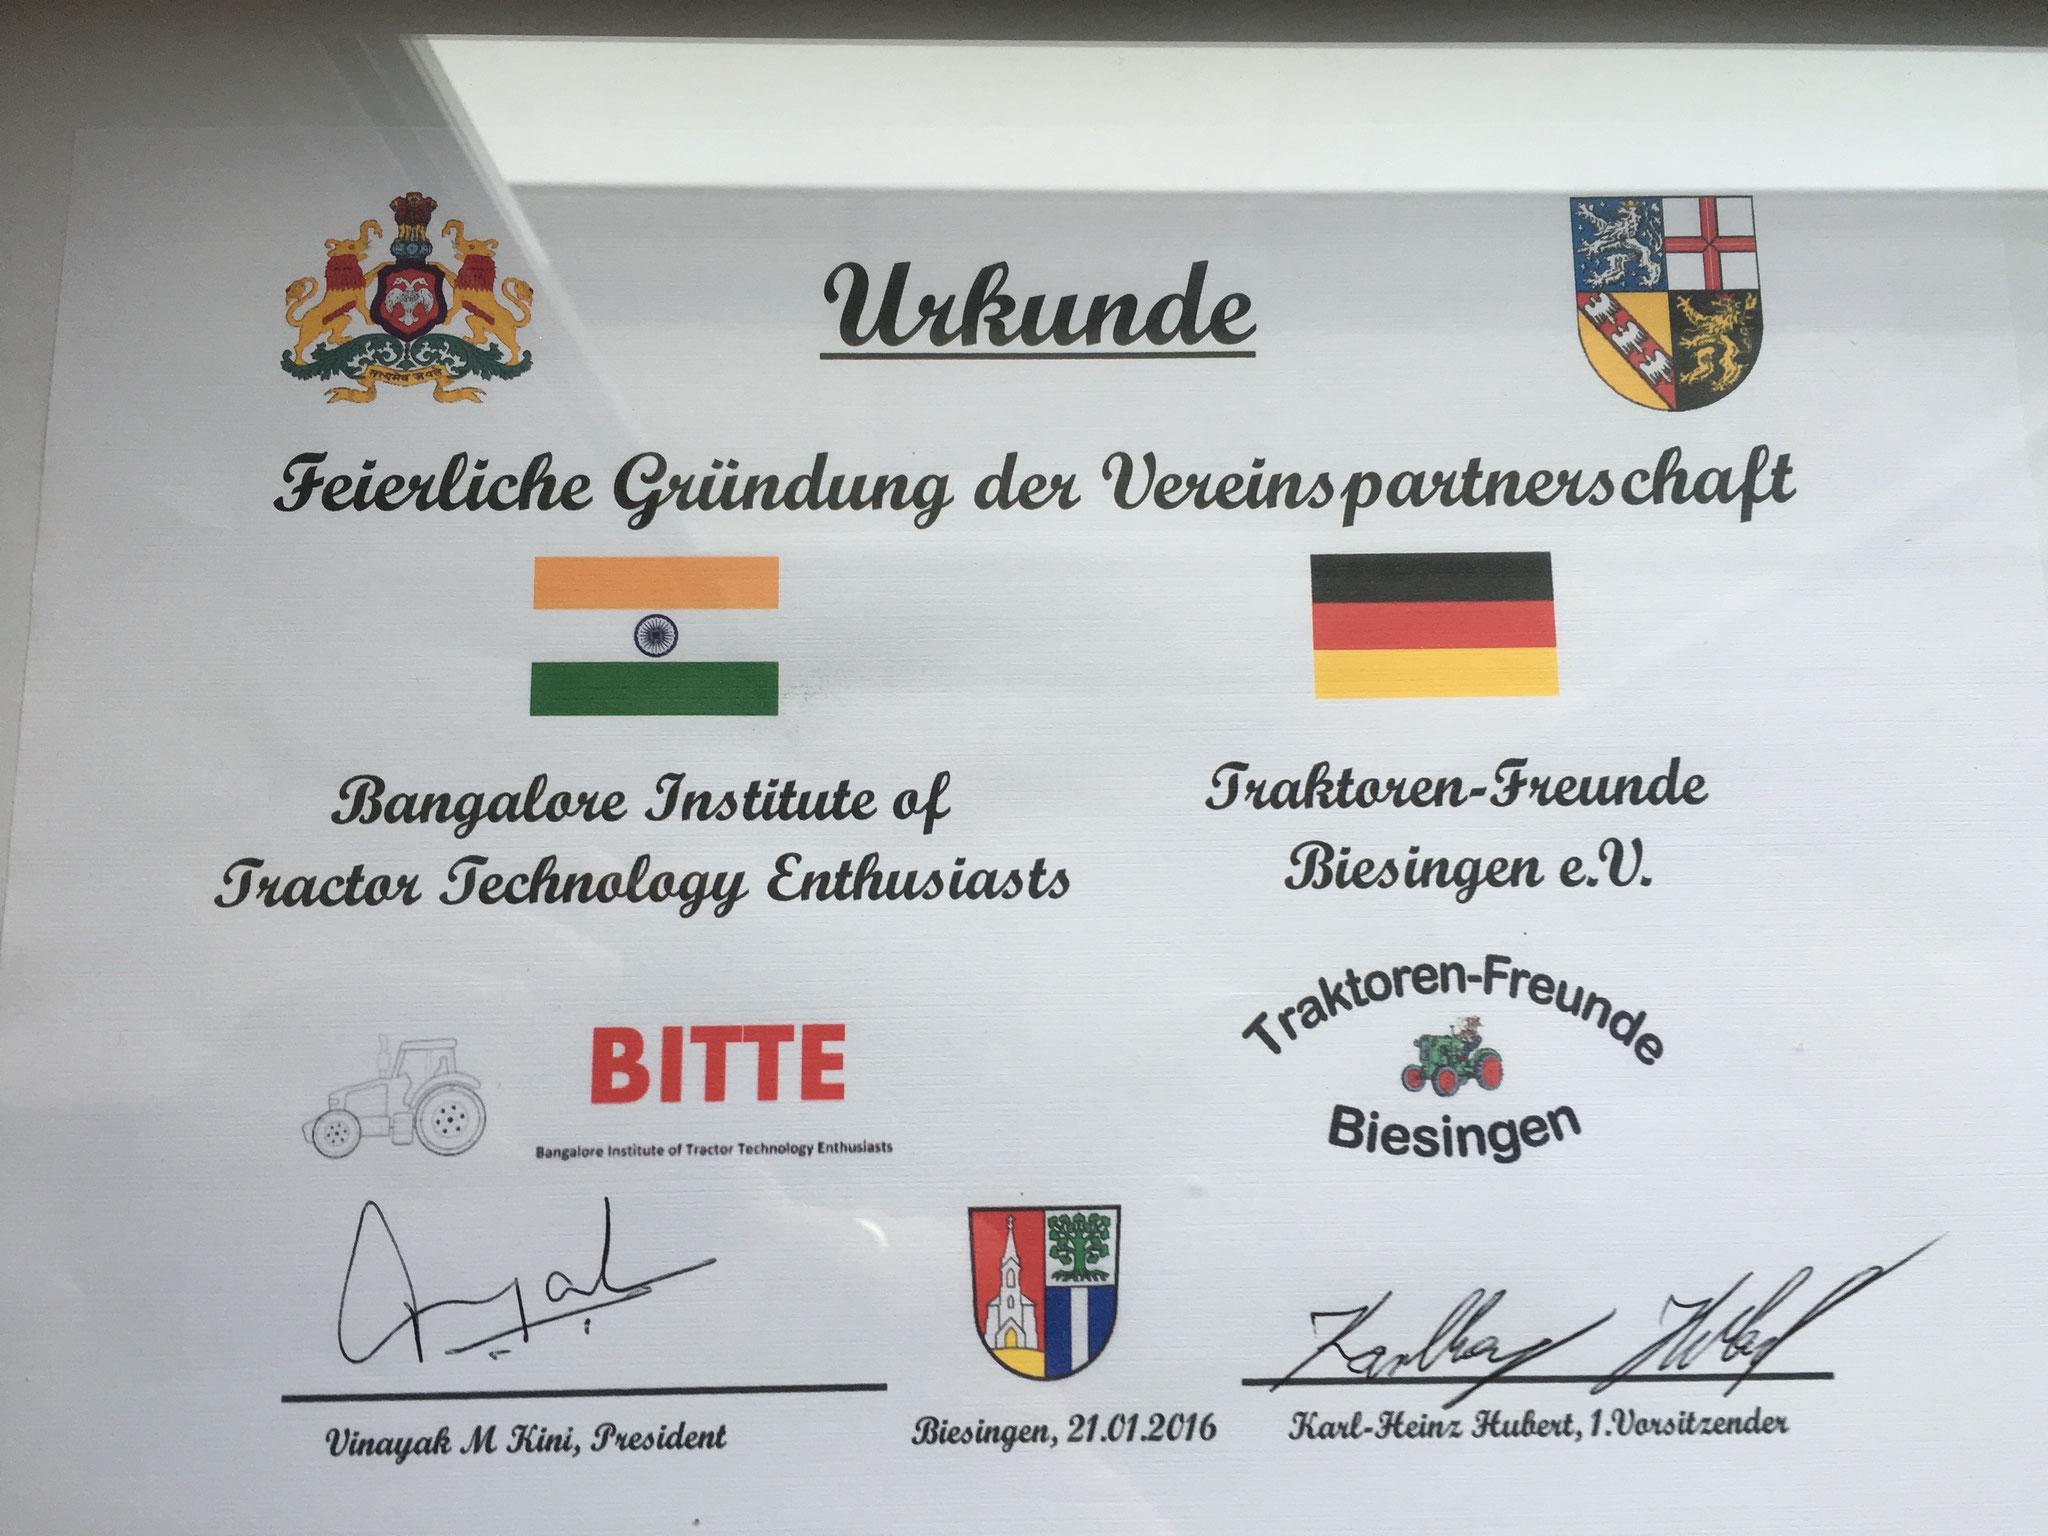 Urkunde der Vereinspartnerschaft ausgestellt durch Traktoren-Freunde Biesingen